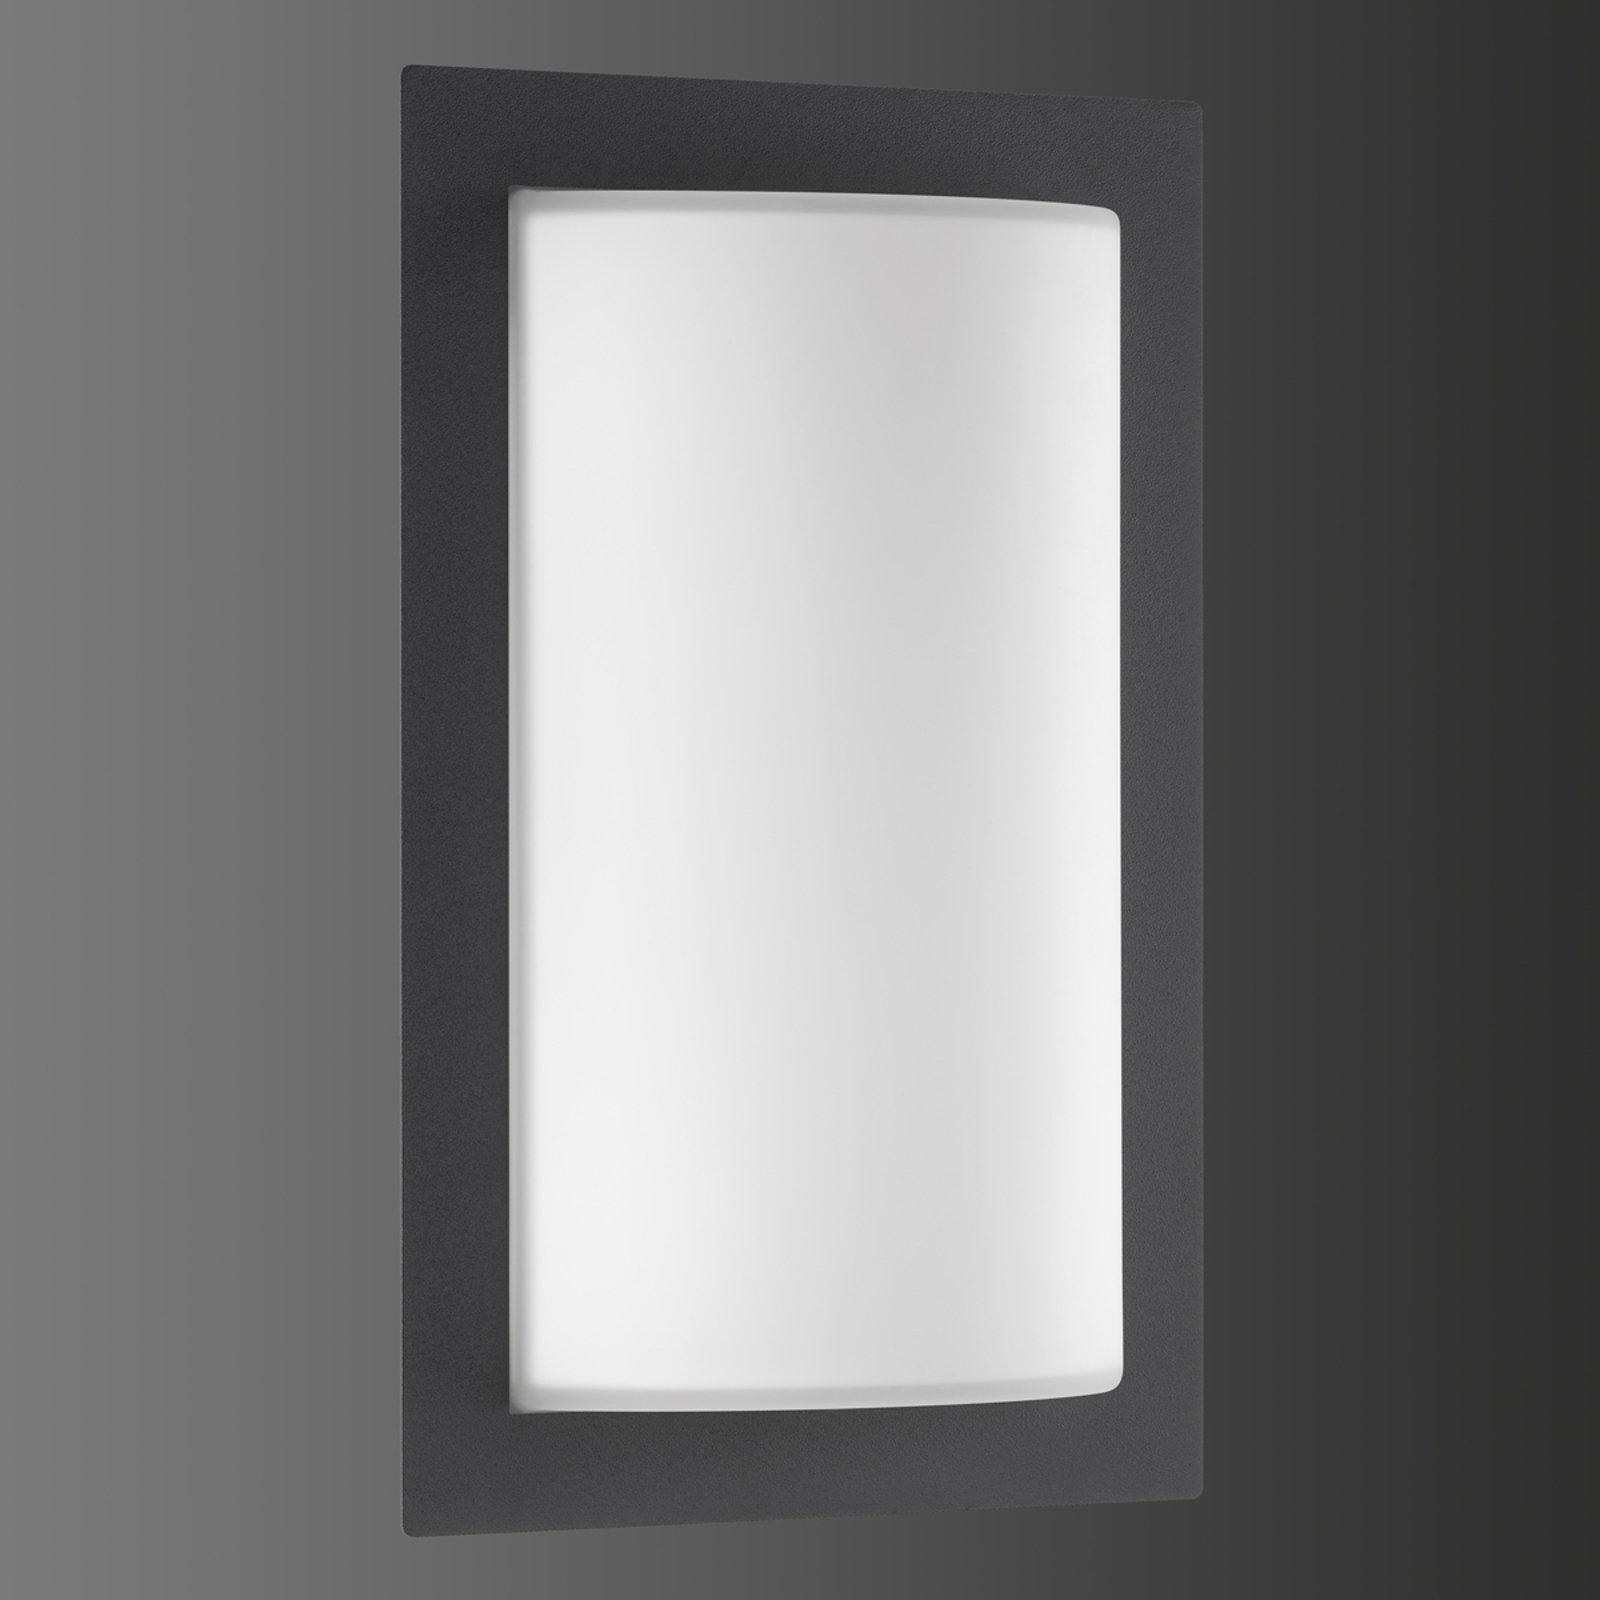 Luis utendørs LED-vegglampe – med bevegelsessensor